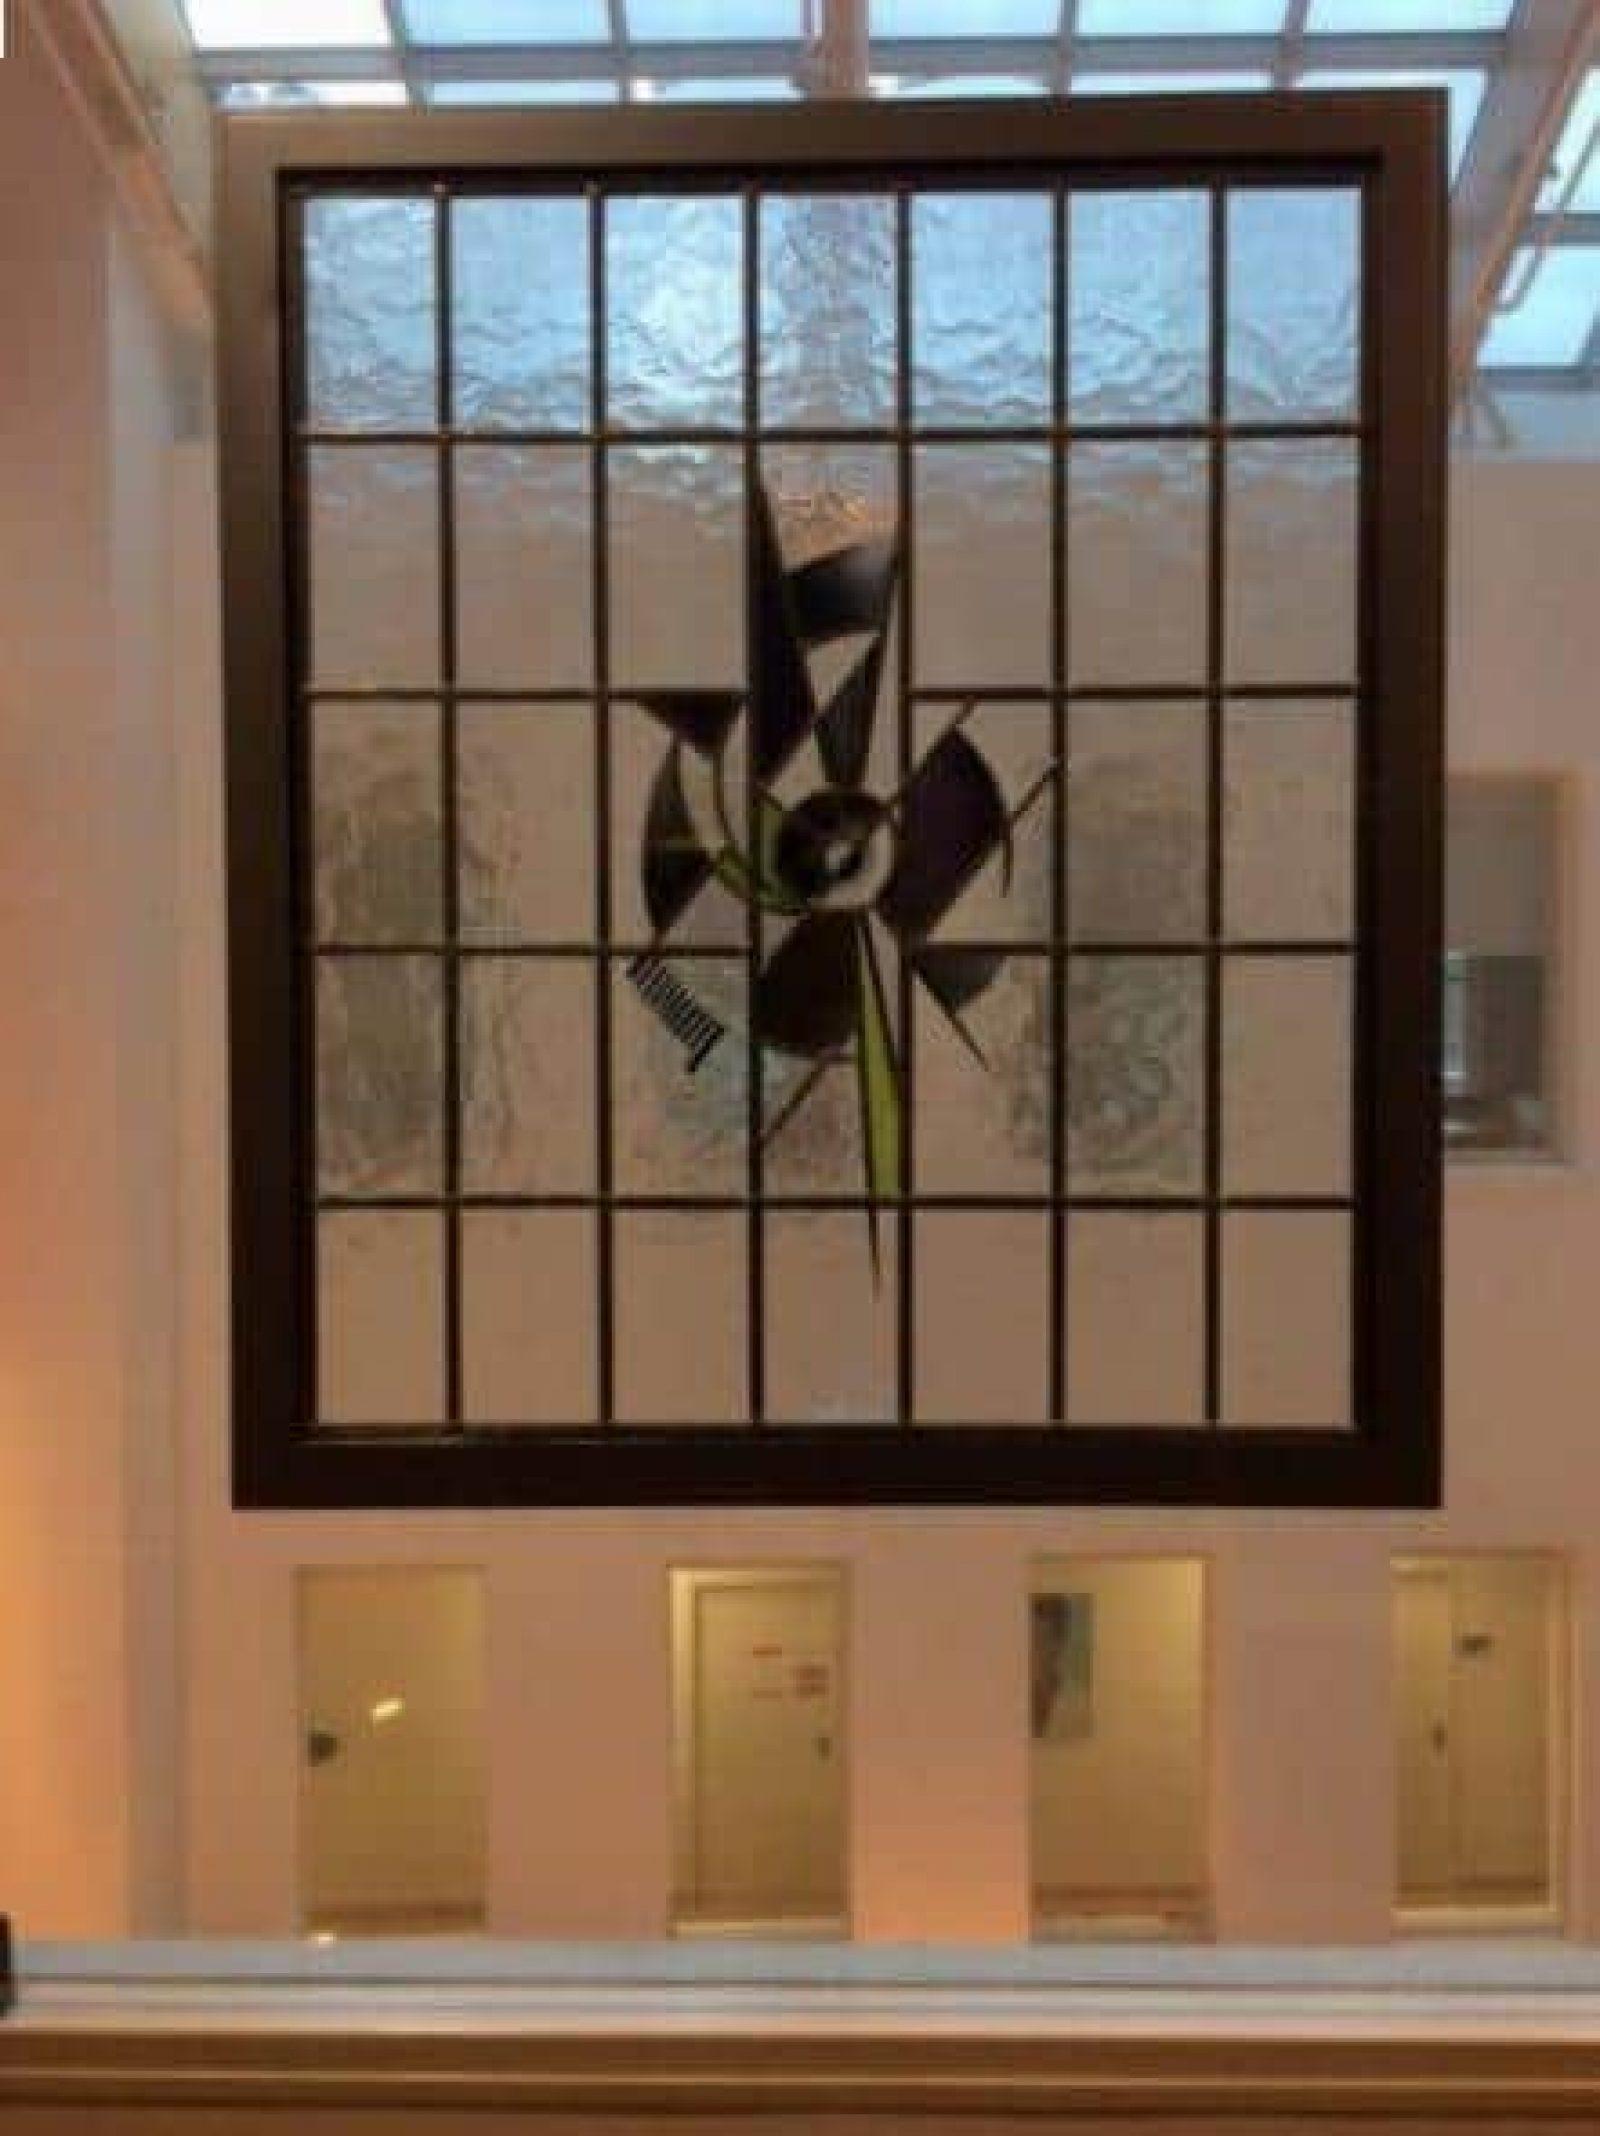 Oogziekenhuis Glas-in-lood.jpg